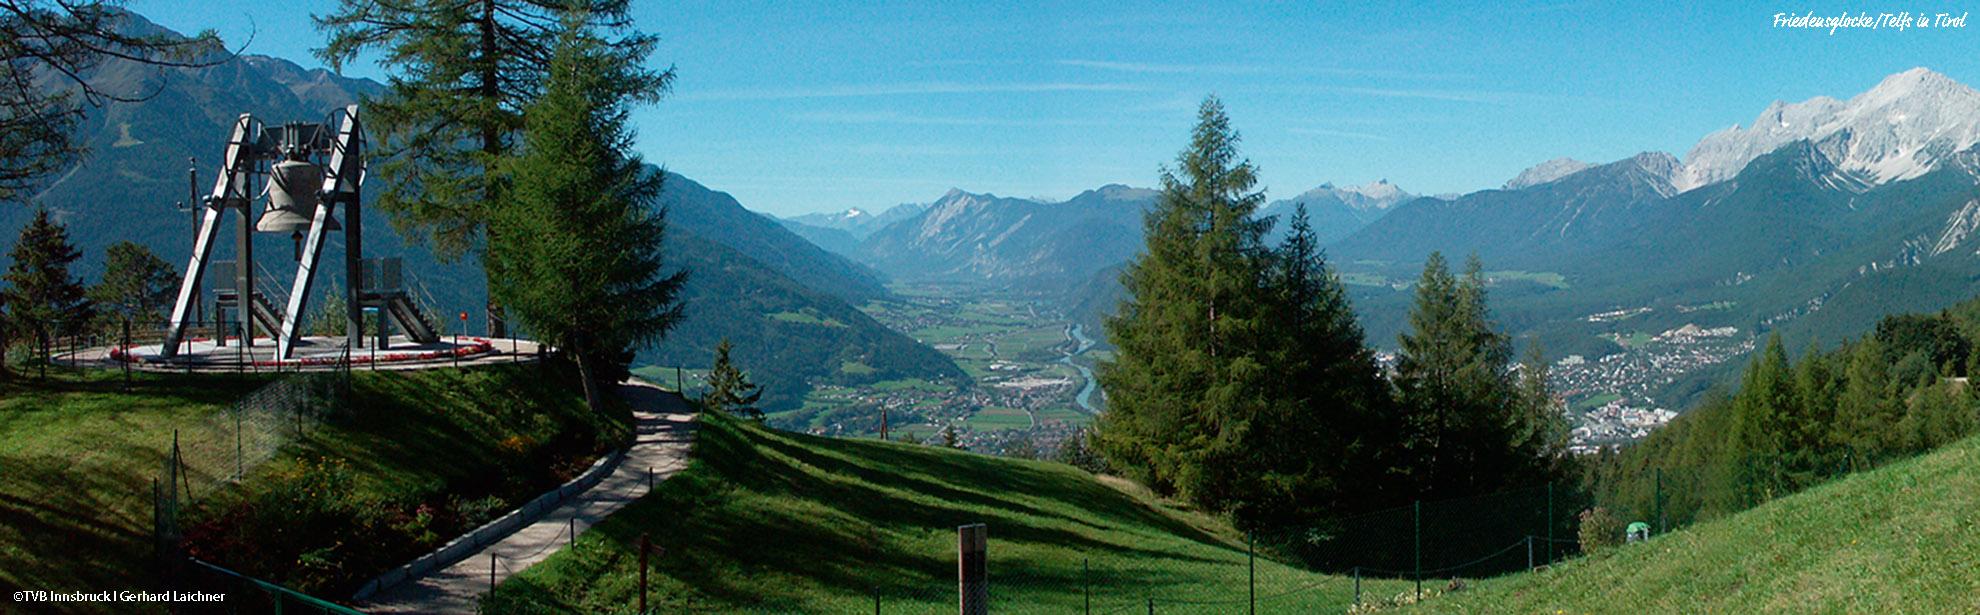 OTVB_Innsbruck_Laichner_Friedensglocke-Telfs_Tirol_2011_1426